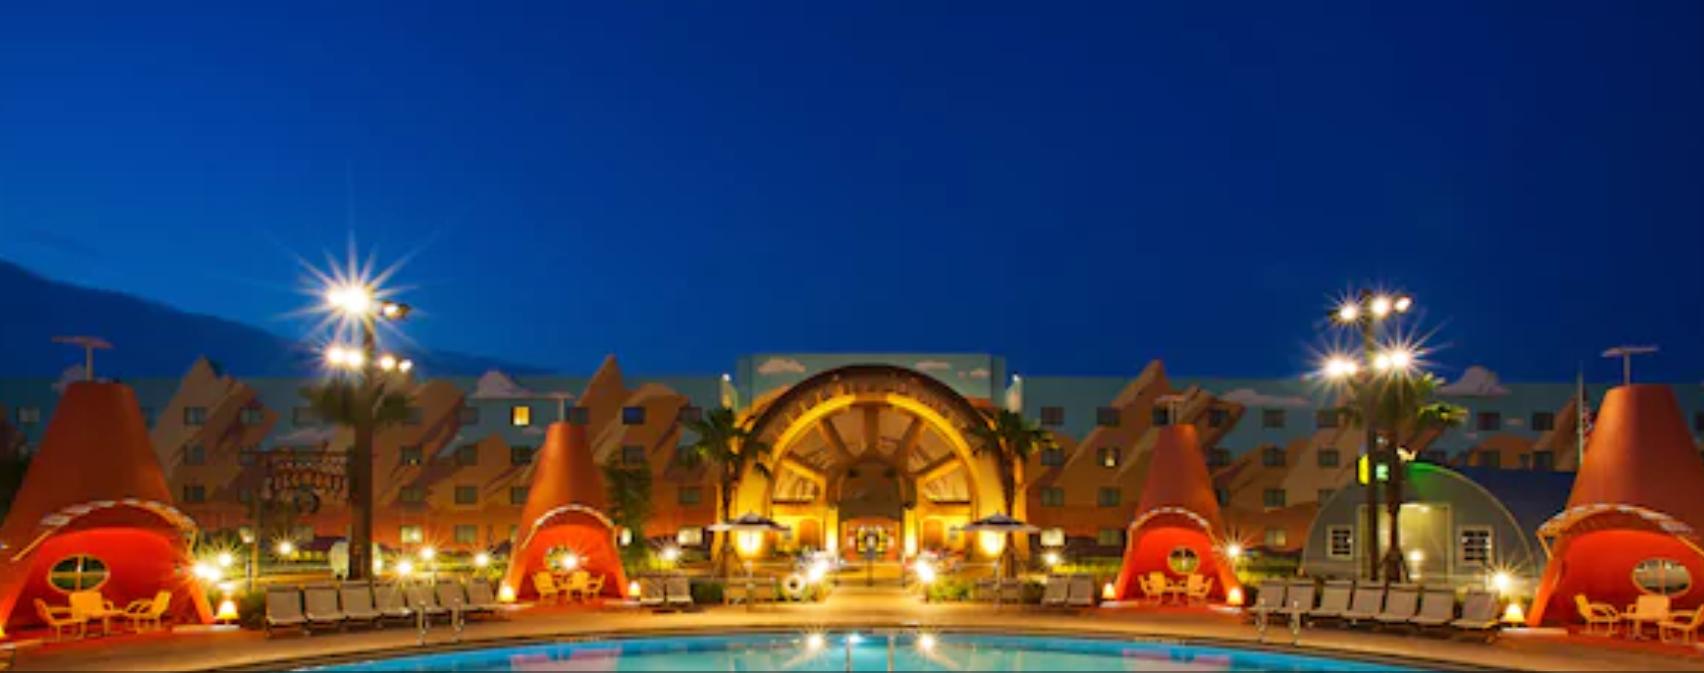 New Year Savings at Disney Vacation deals, Disney